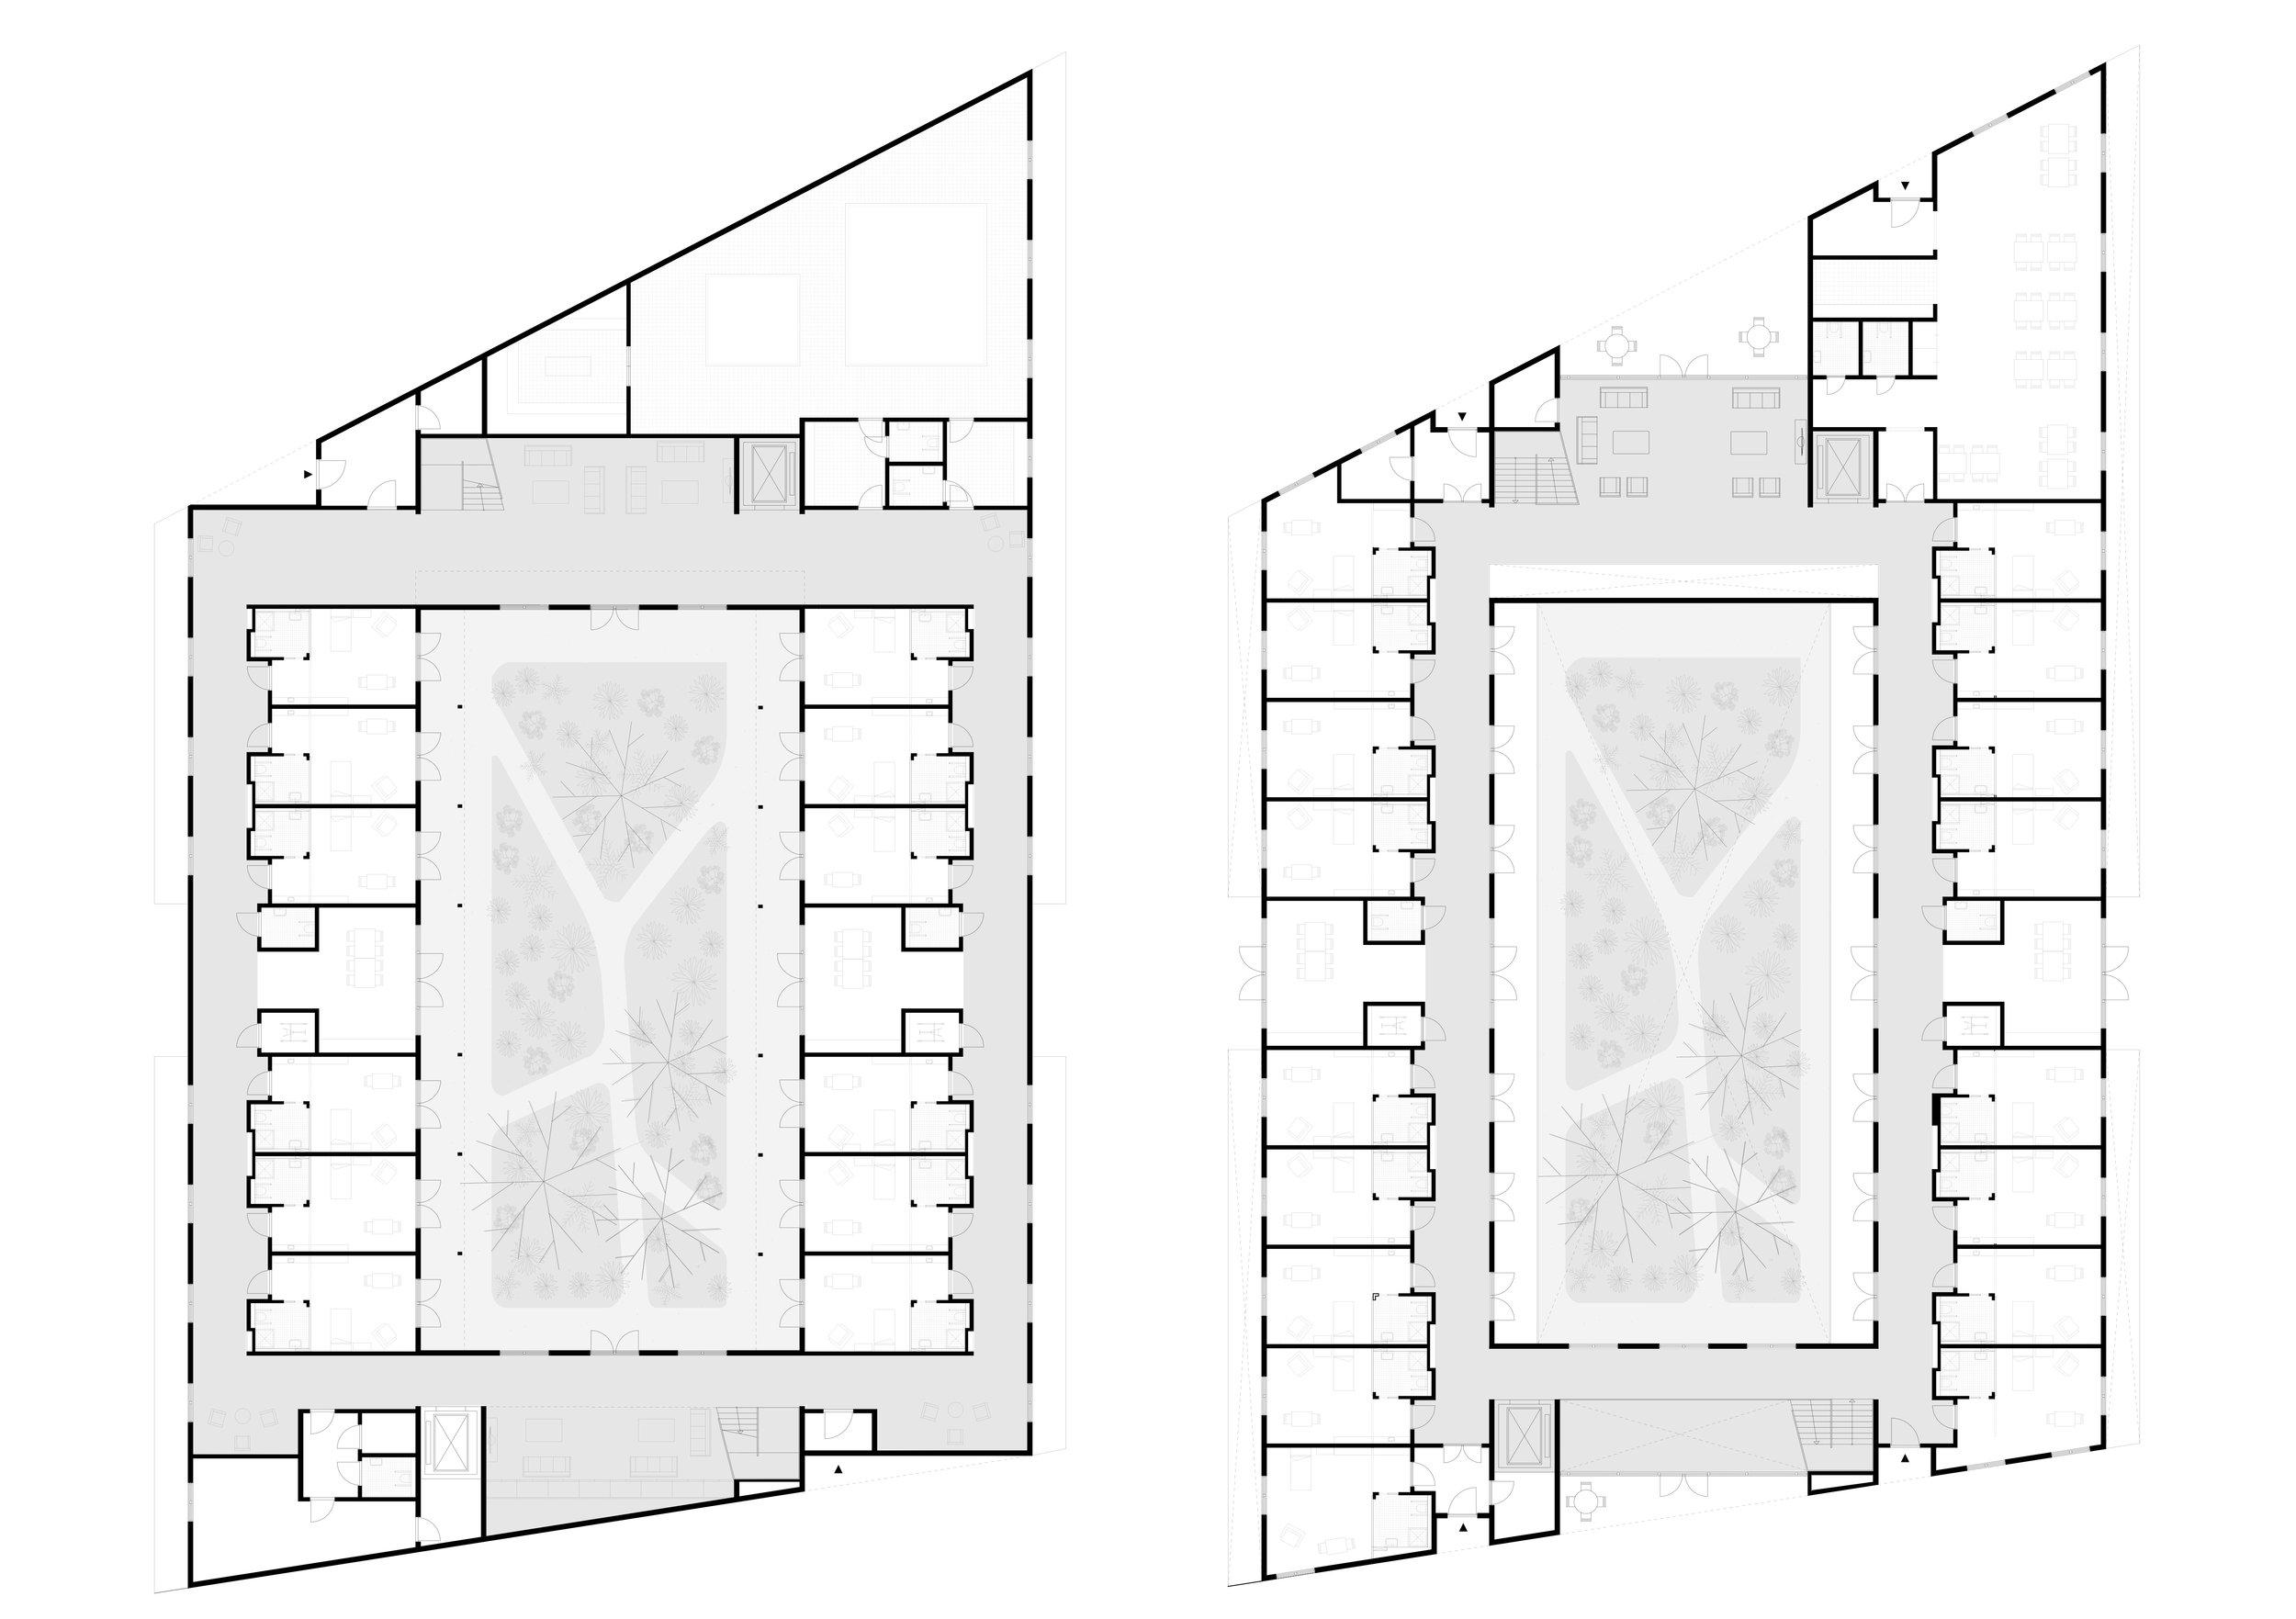 Plattegronden begane grond en 1e verdieping